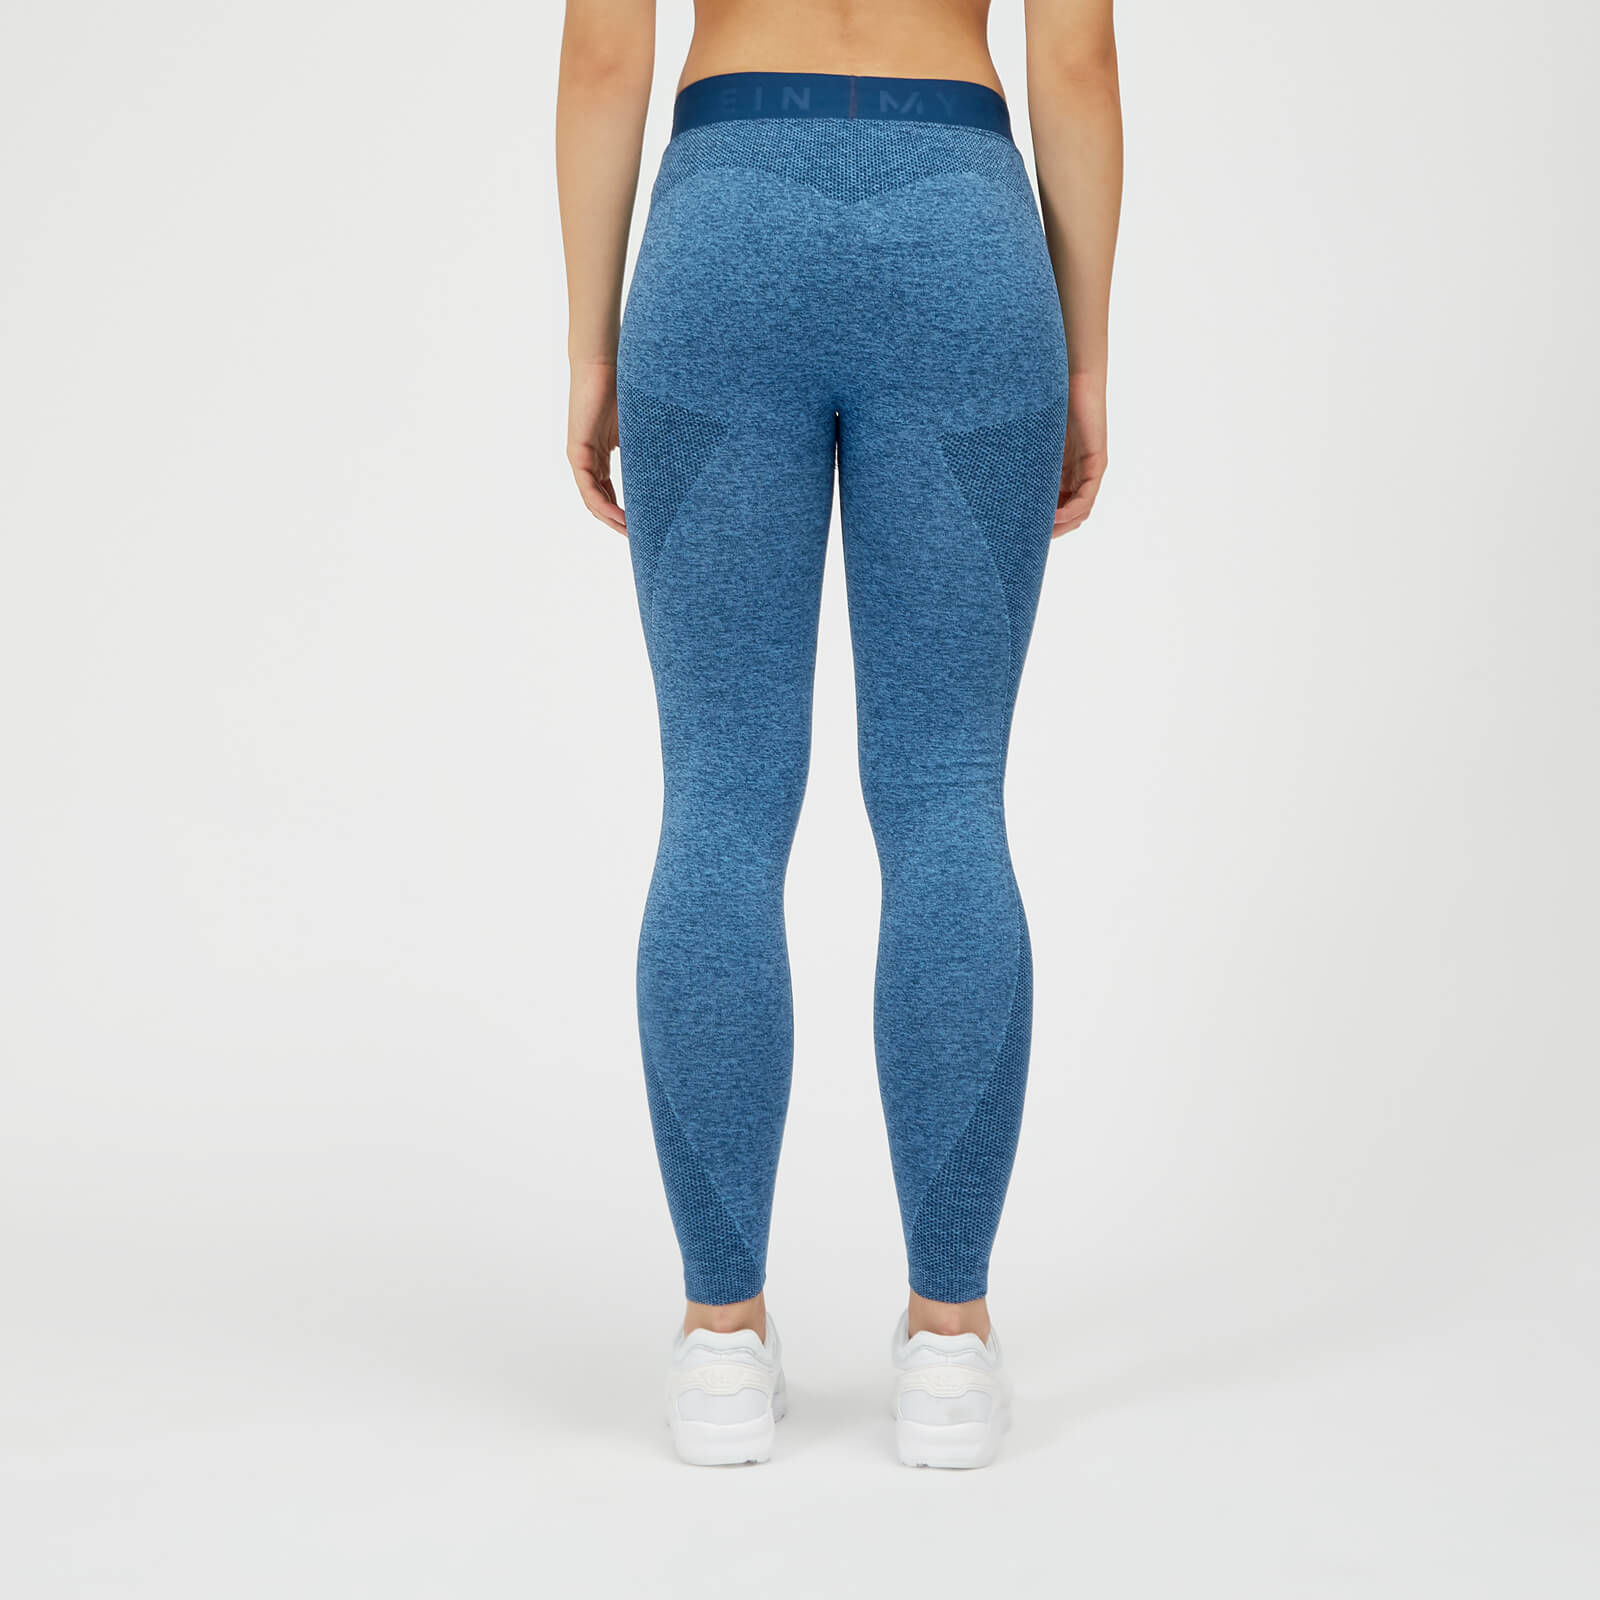 Leggings sans couture Inspire - Cyclisme pour Femme - Bleu